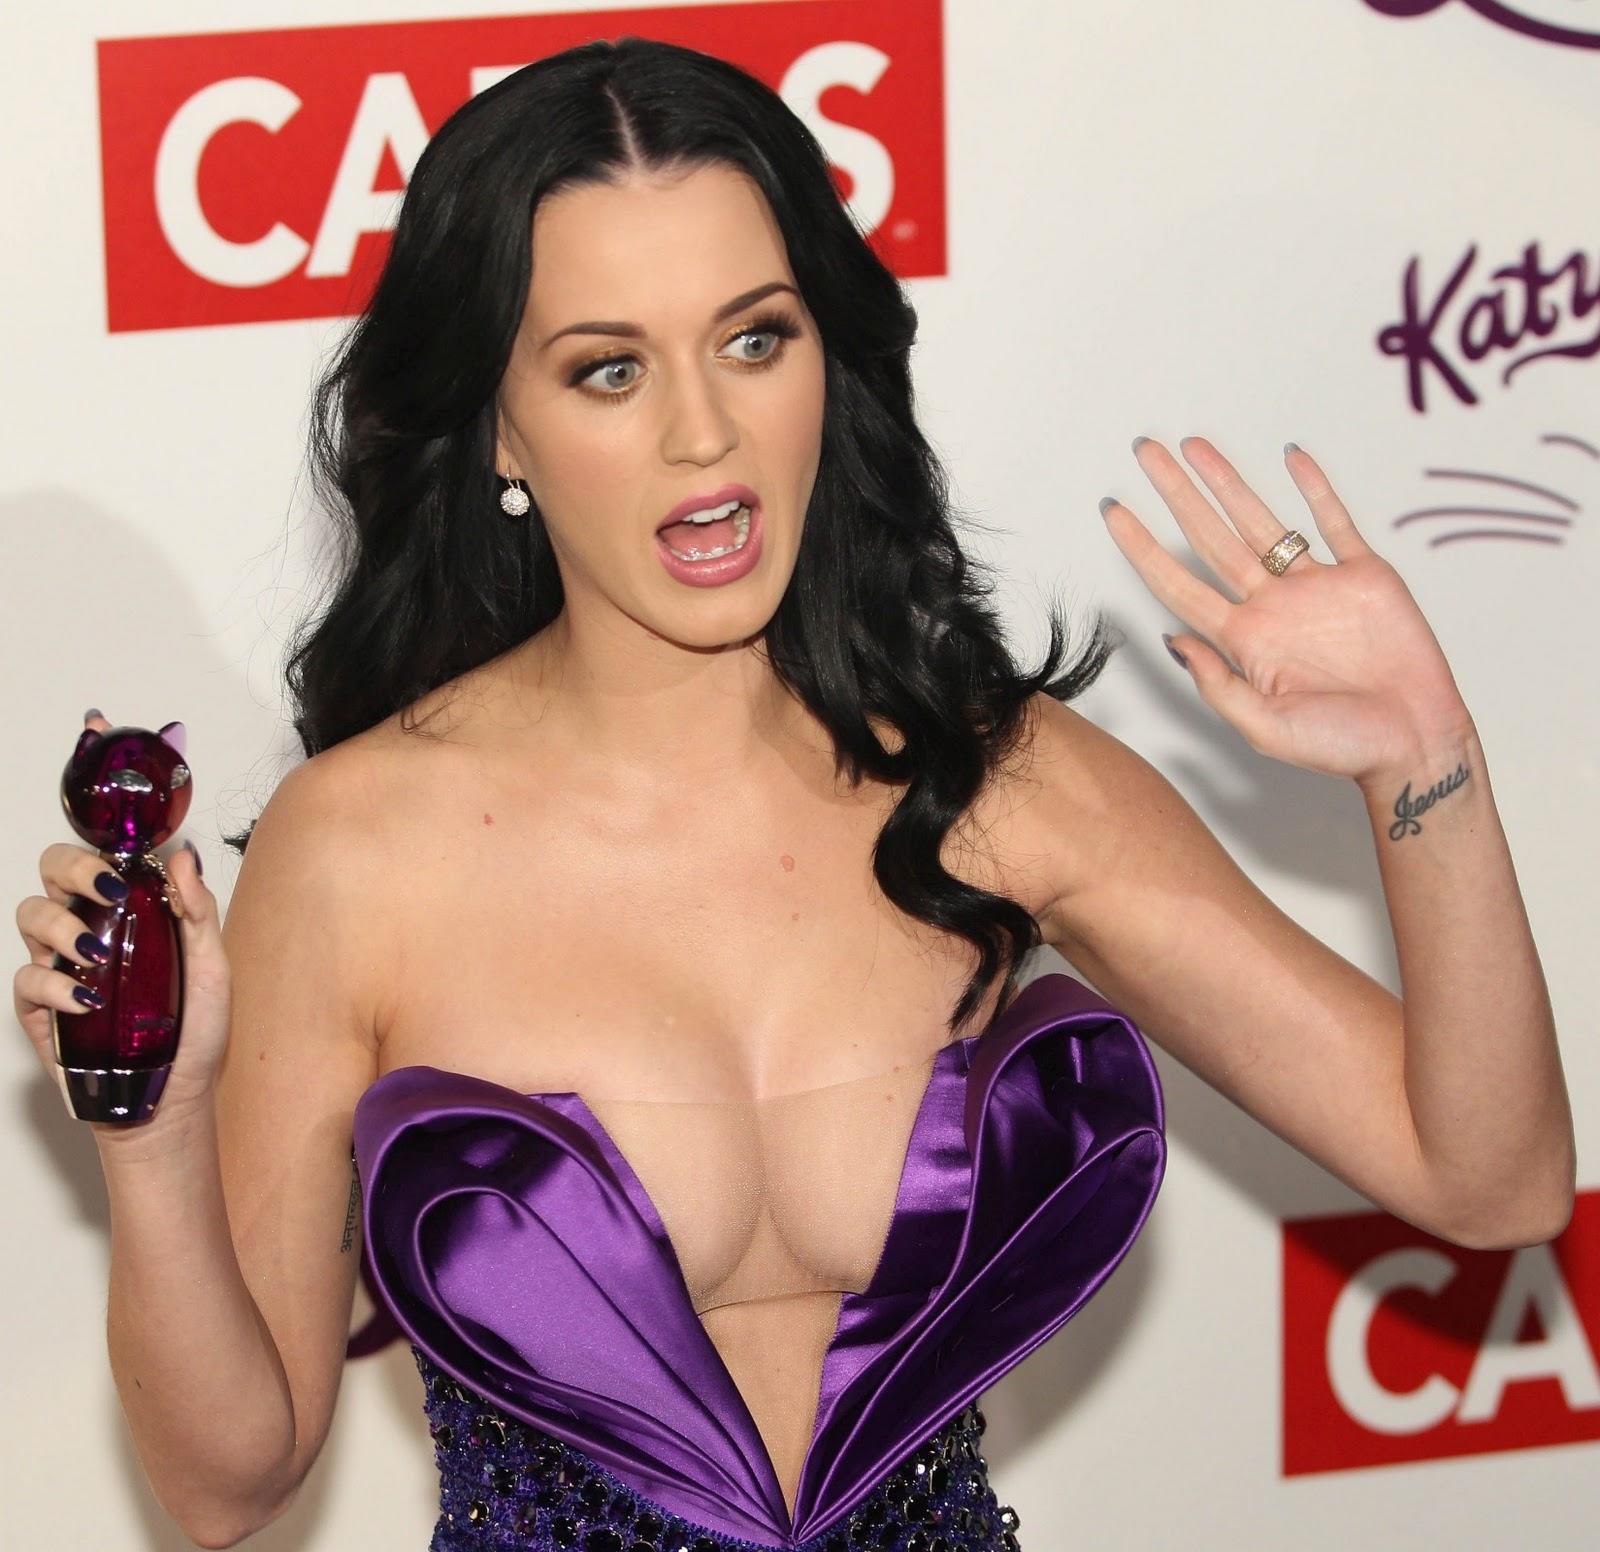 http://2.bp.blogspot.com/_N6m6xa31CEM/TU9_aUemRkI/AAAAAAAADaw/cElzs8swTtY/s1600/Katy+Perry+Sexy+Cleavage.jpg